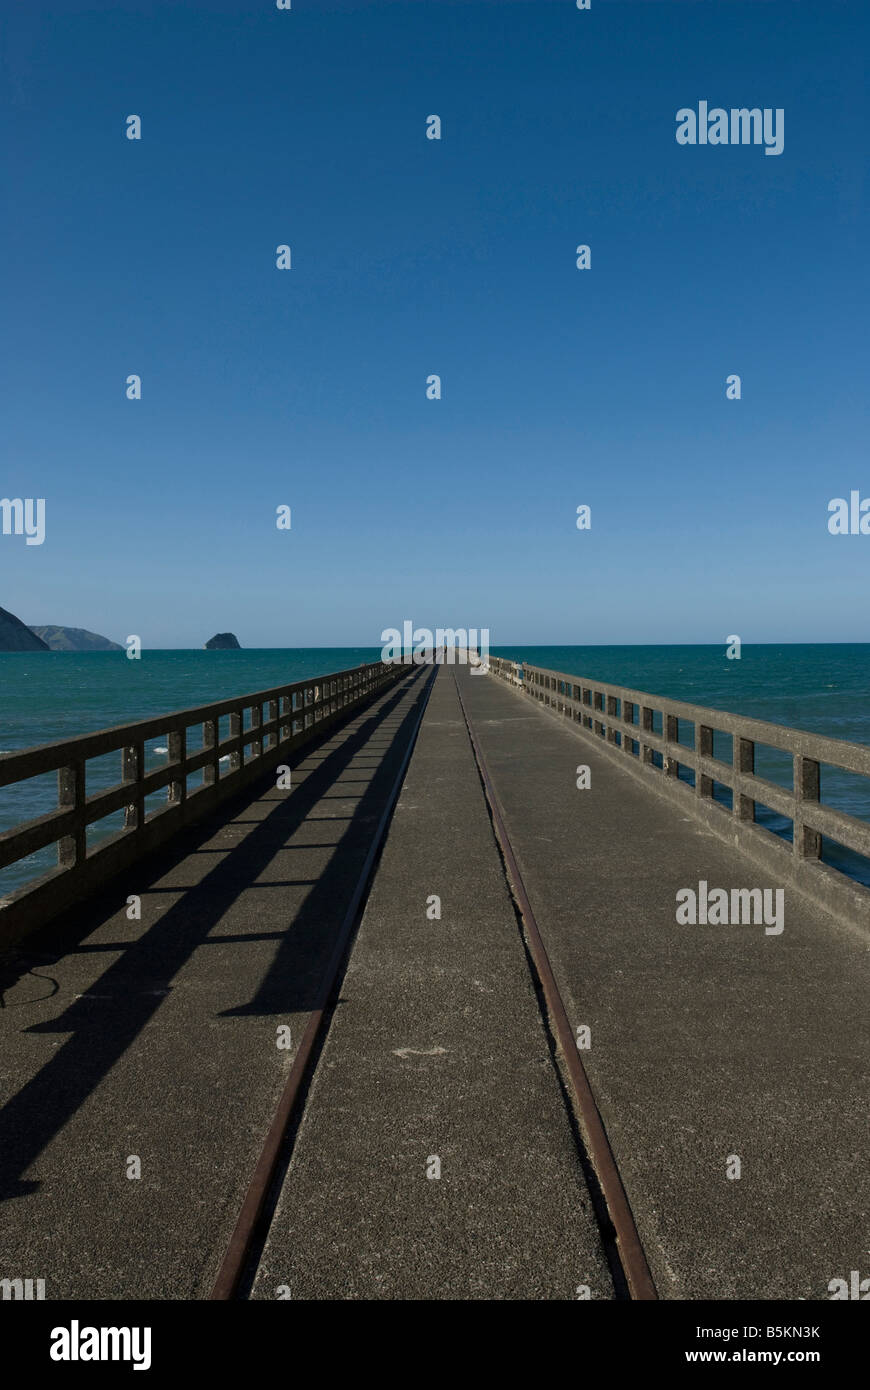 Tolaga Bay Wharf - 660 metros o 2165 pies - en Nueva Zelandia. El muelle más largo en el hemisferio sur. Foto de stock